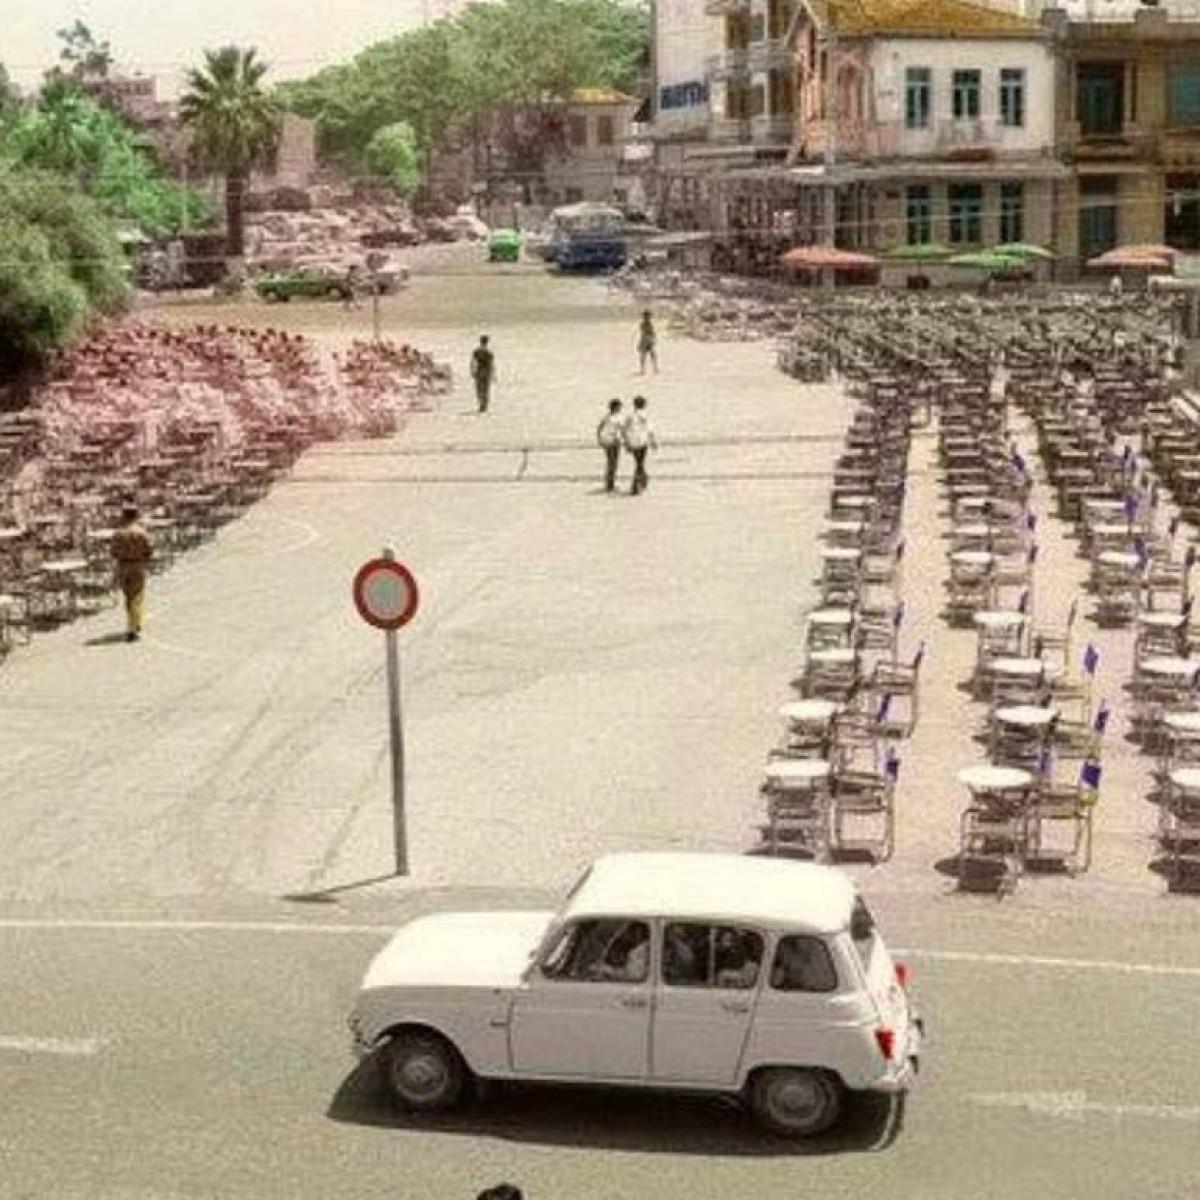 Πλατεία Ελευθερίας: Την αγαπάμε ακόμα εκείνη την πλατεία...